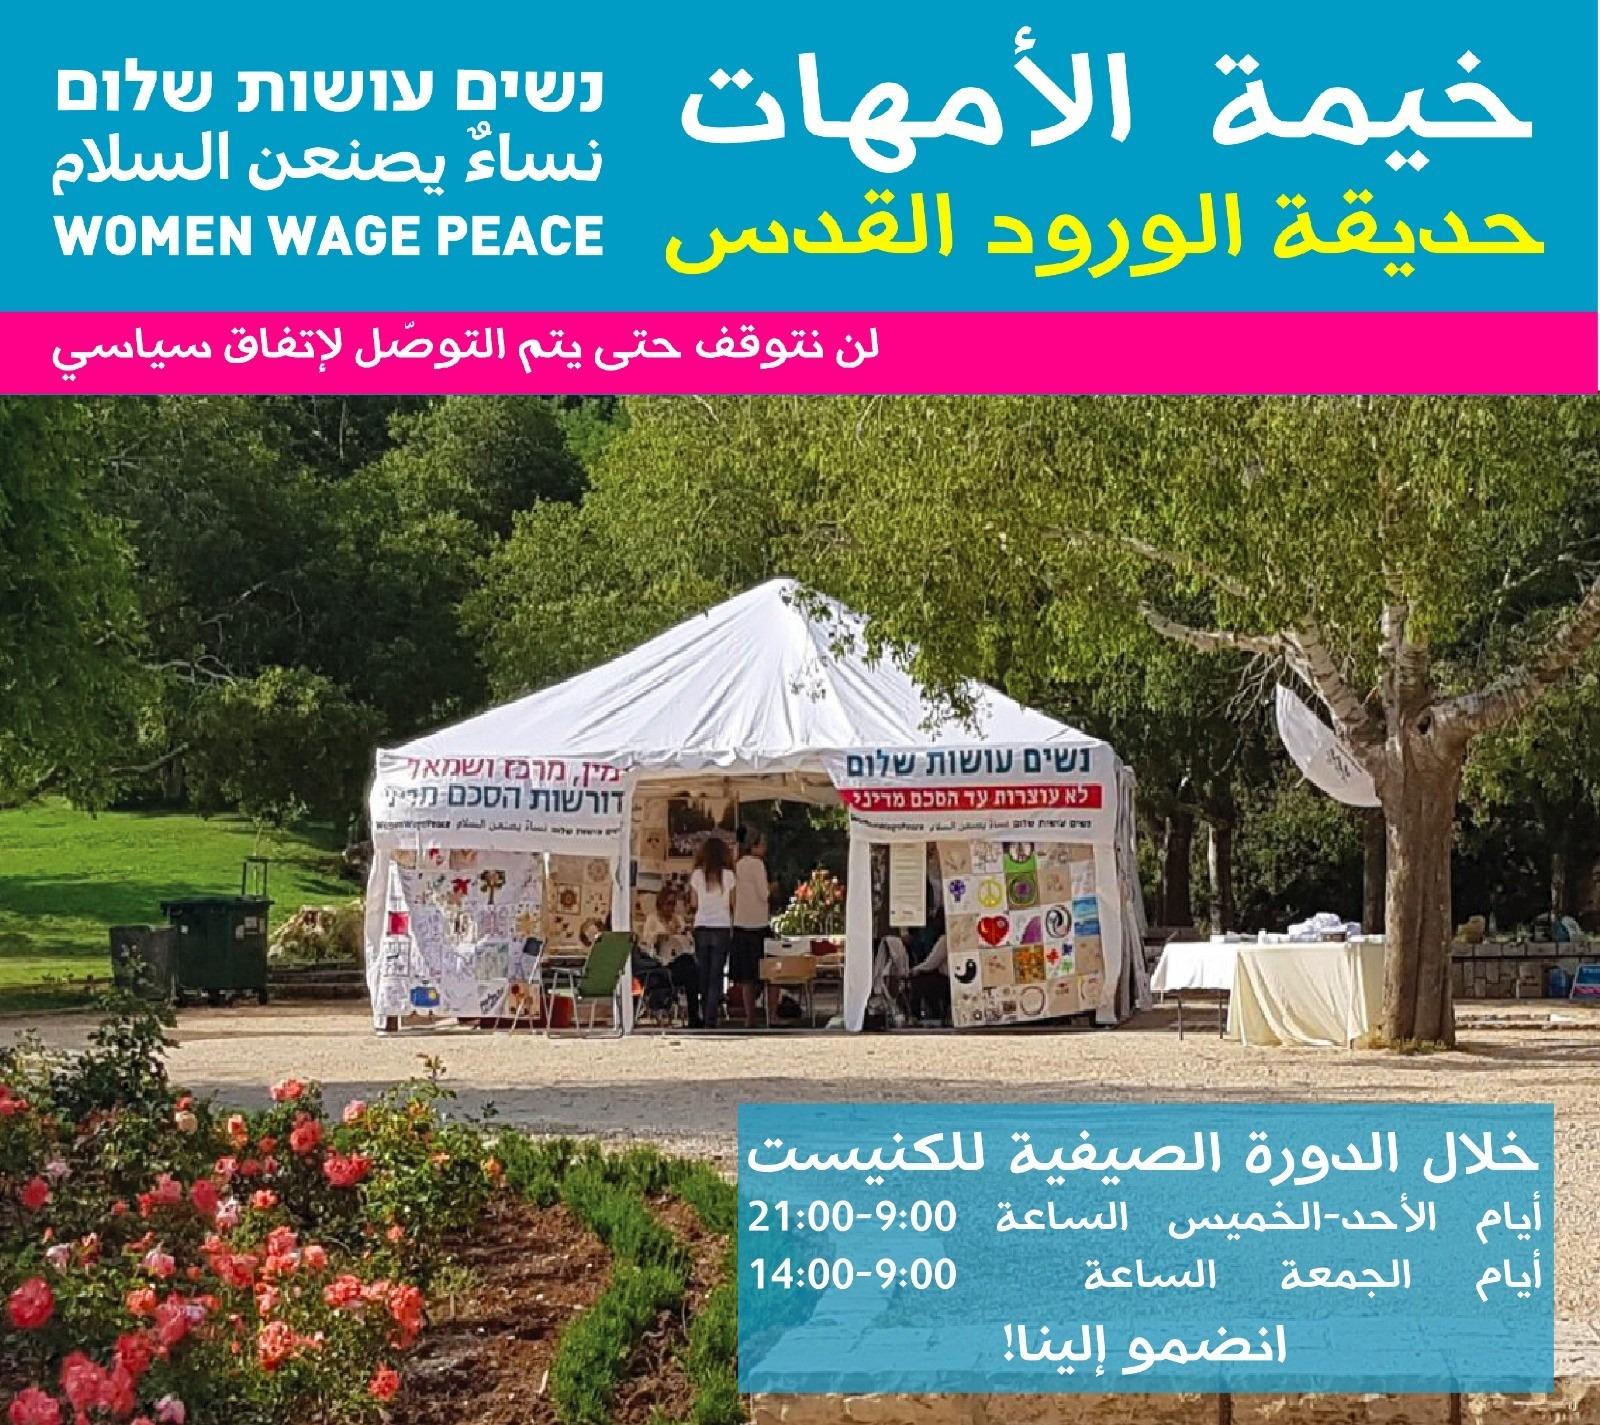 خيمة الأمهات في حديقة الورود, القدس